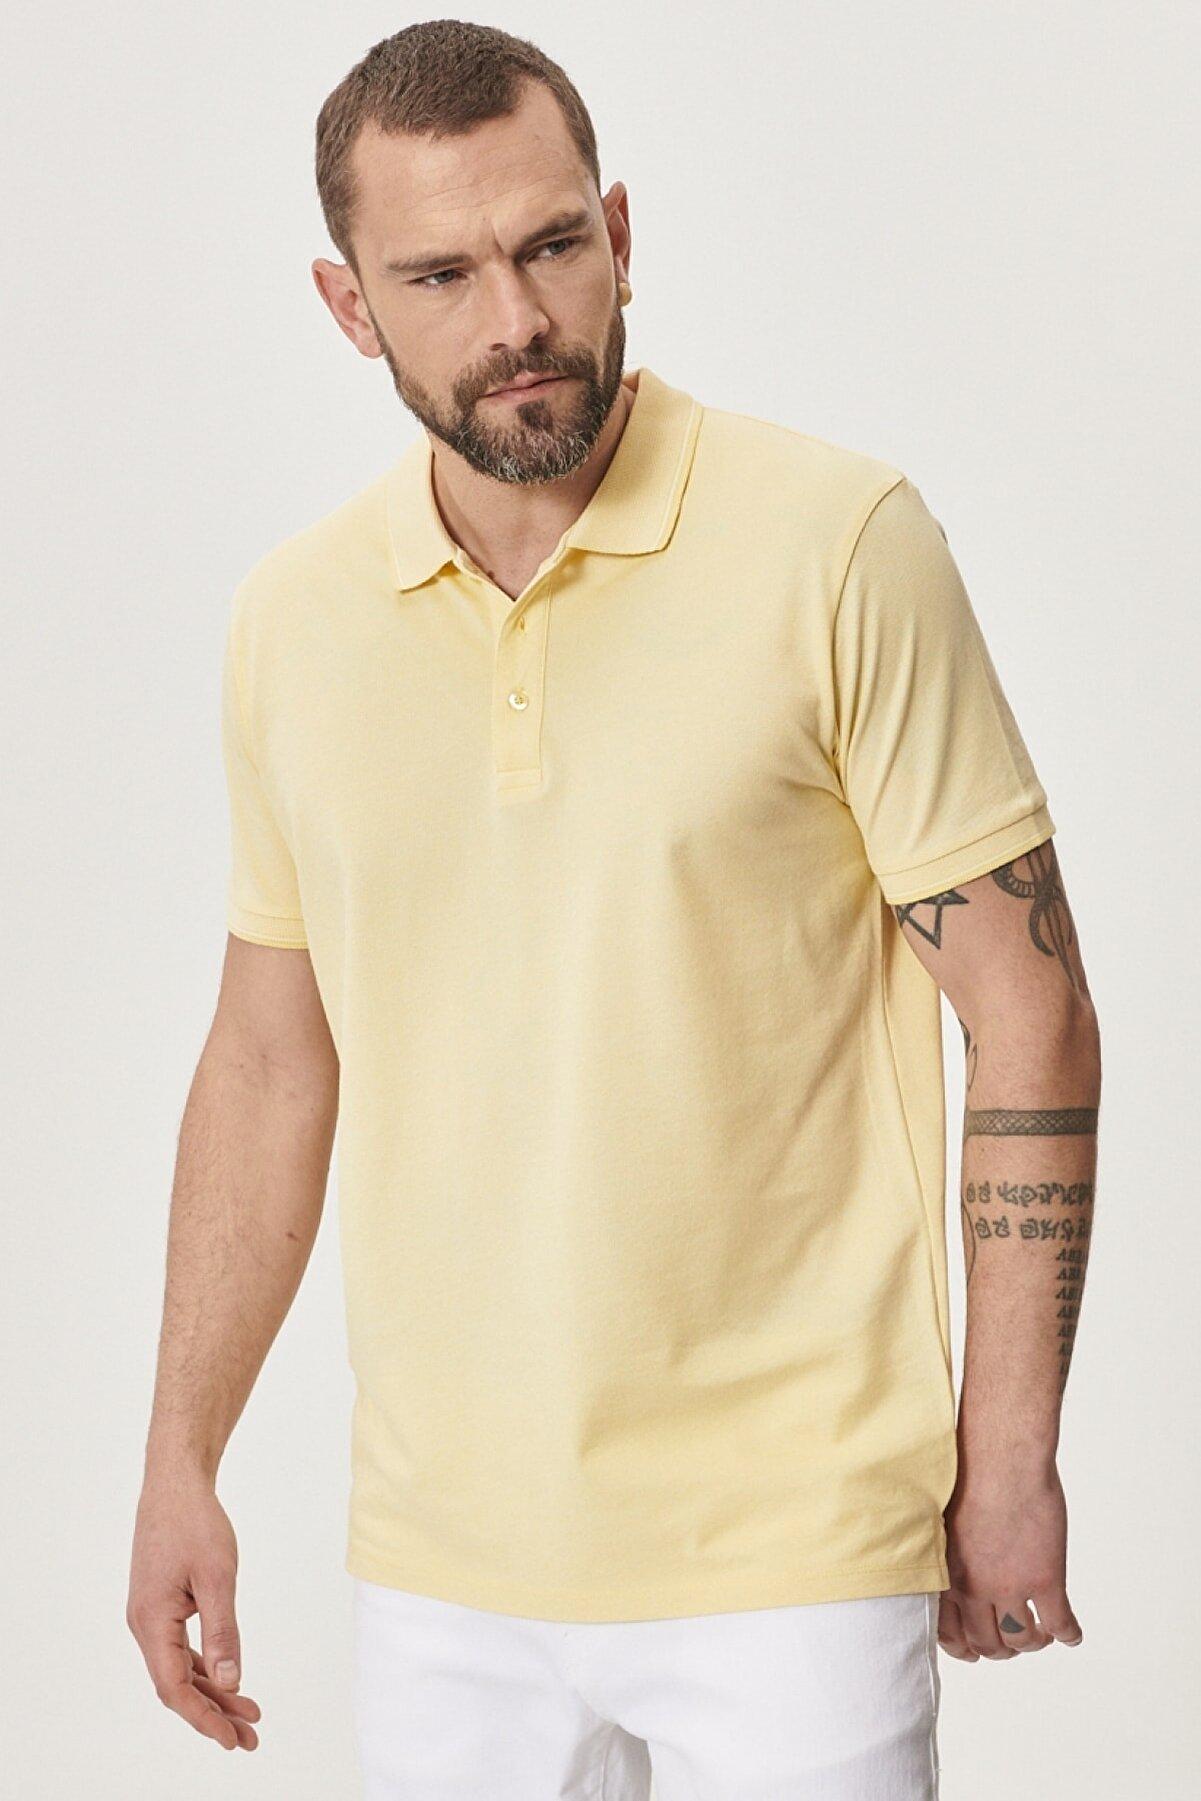 Altınyıldız Classics Erkek Sarı-Beyaz Düğmeli Polo Yaka Cepsiz Slim Fit Dar Kesim Düz Tişört